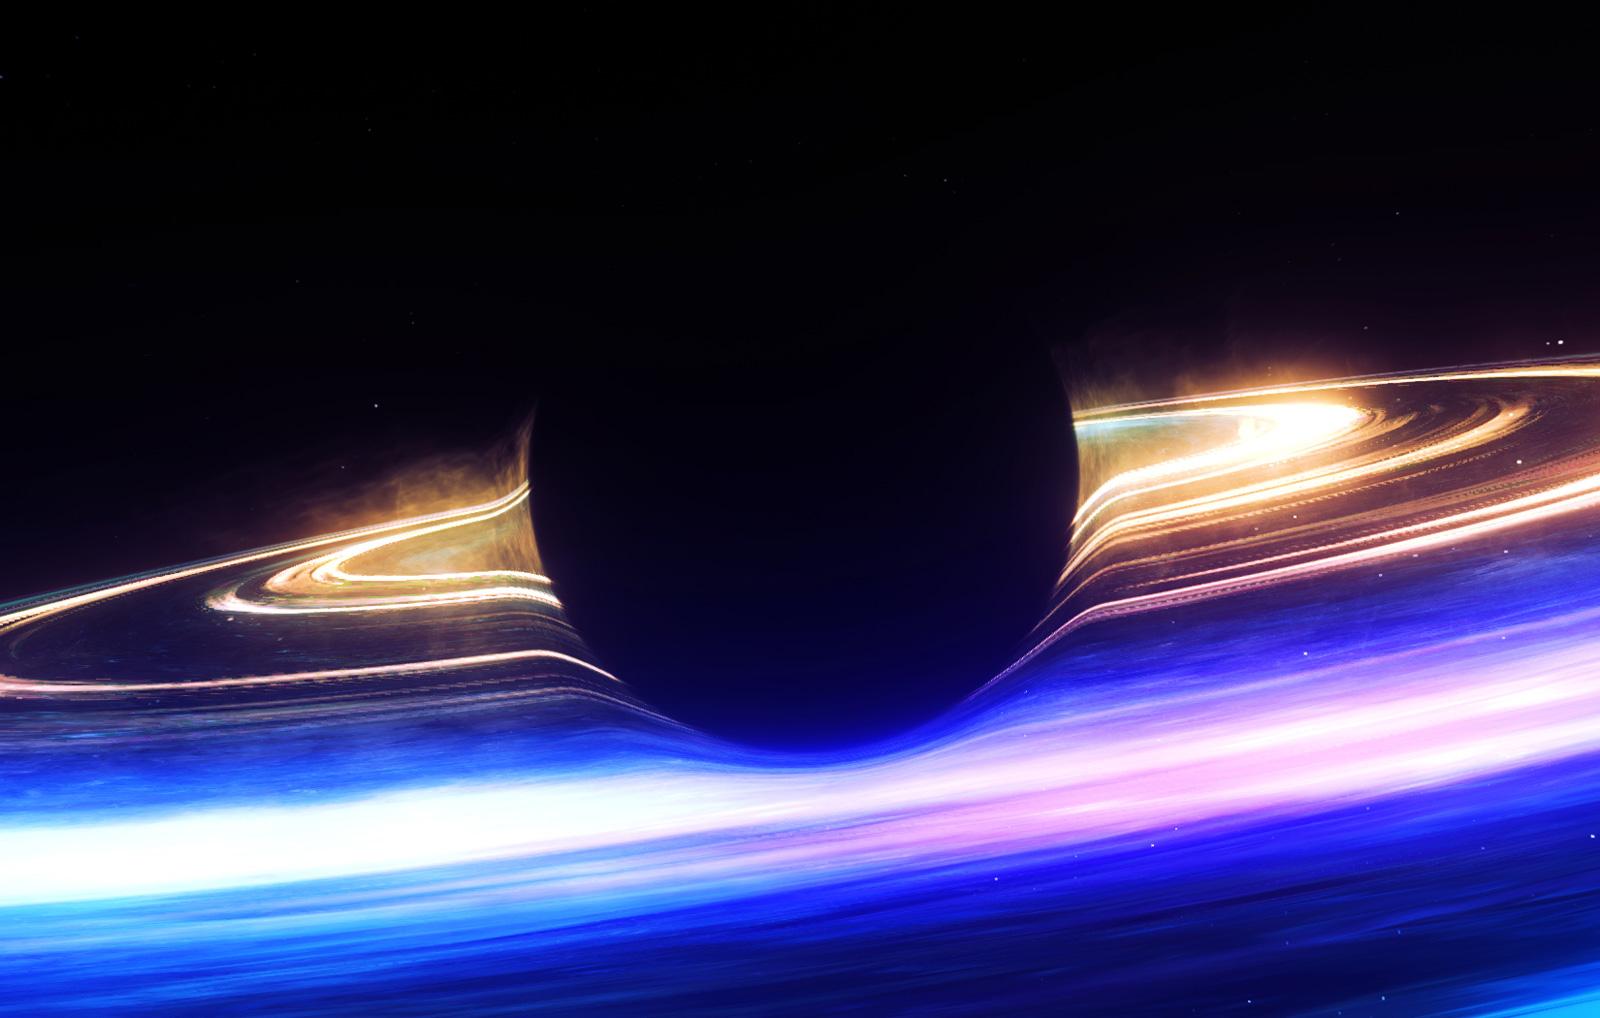 Darren Aronofsky, respaldado por la serie VR 'Spheres' consigue un acuerdo de 7 cifras. Es la mayor compra de realidad virtual hasta la fecha en Sundance.